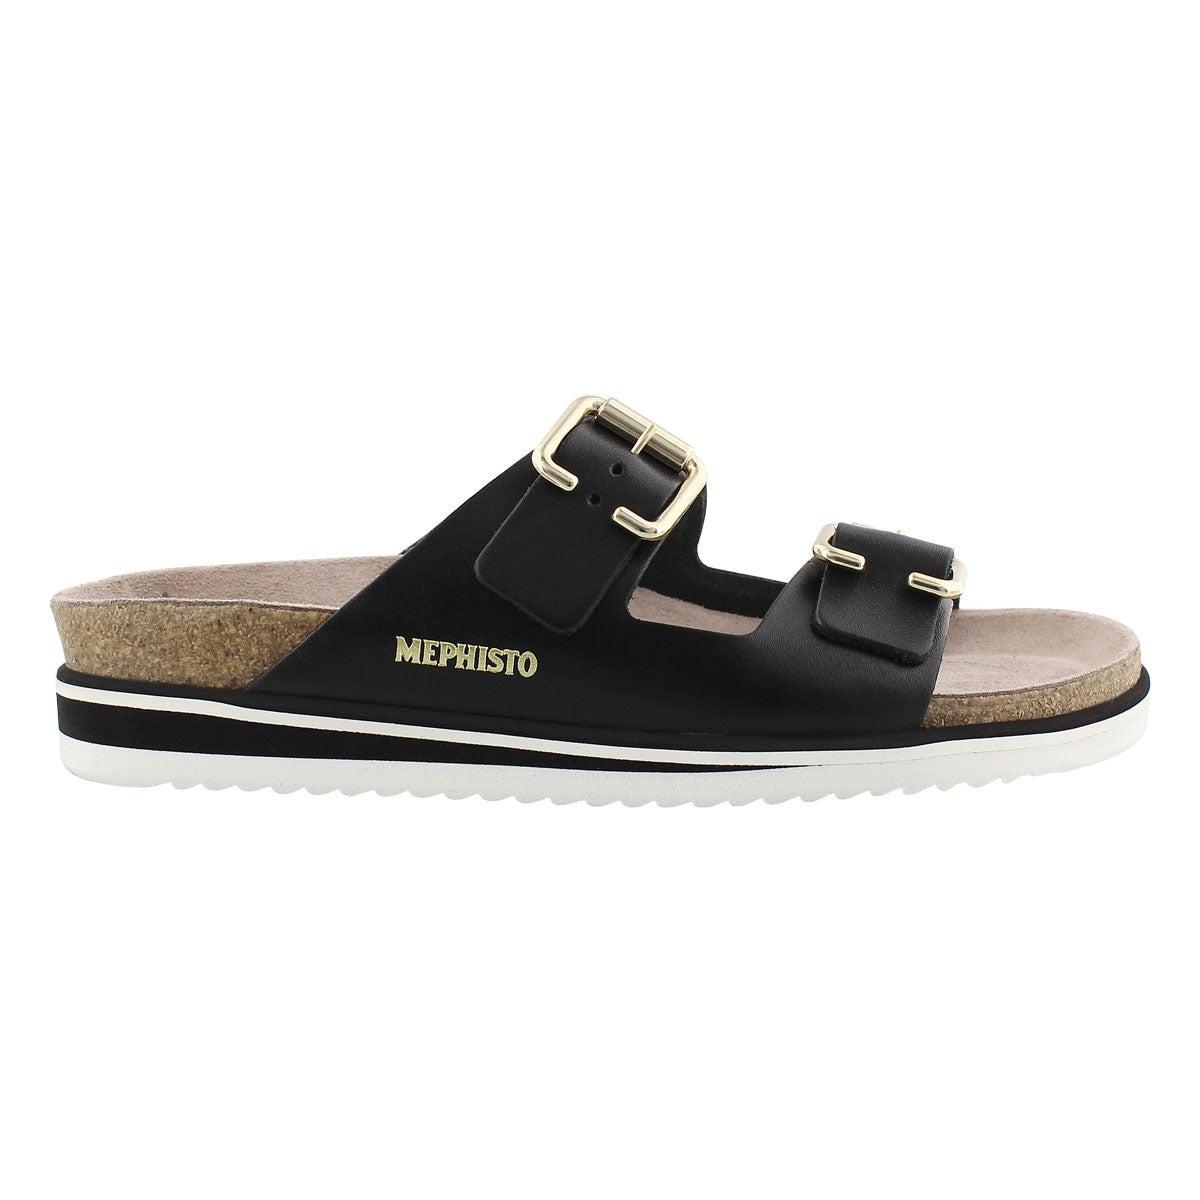 Lds Sandie blk waxy cork footbed sandal